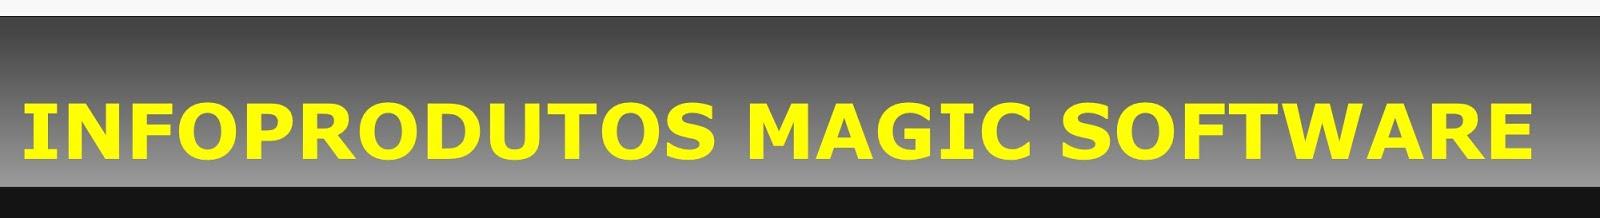 EDITORA INFOPRODUTOS MAGIC SOFTWARE